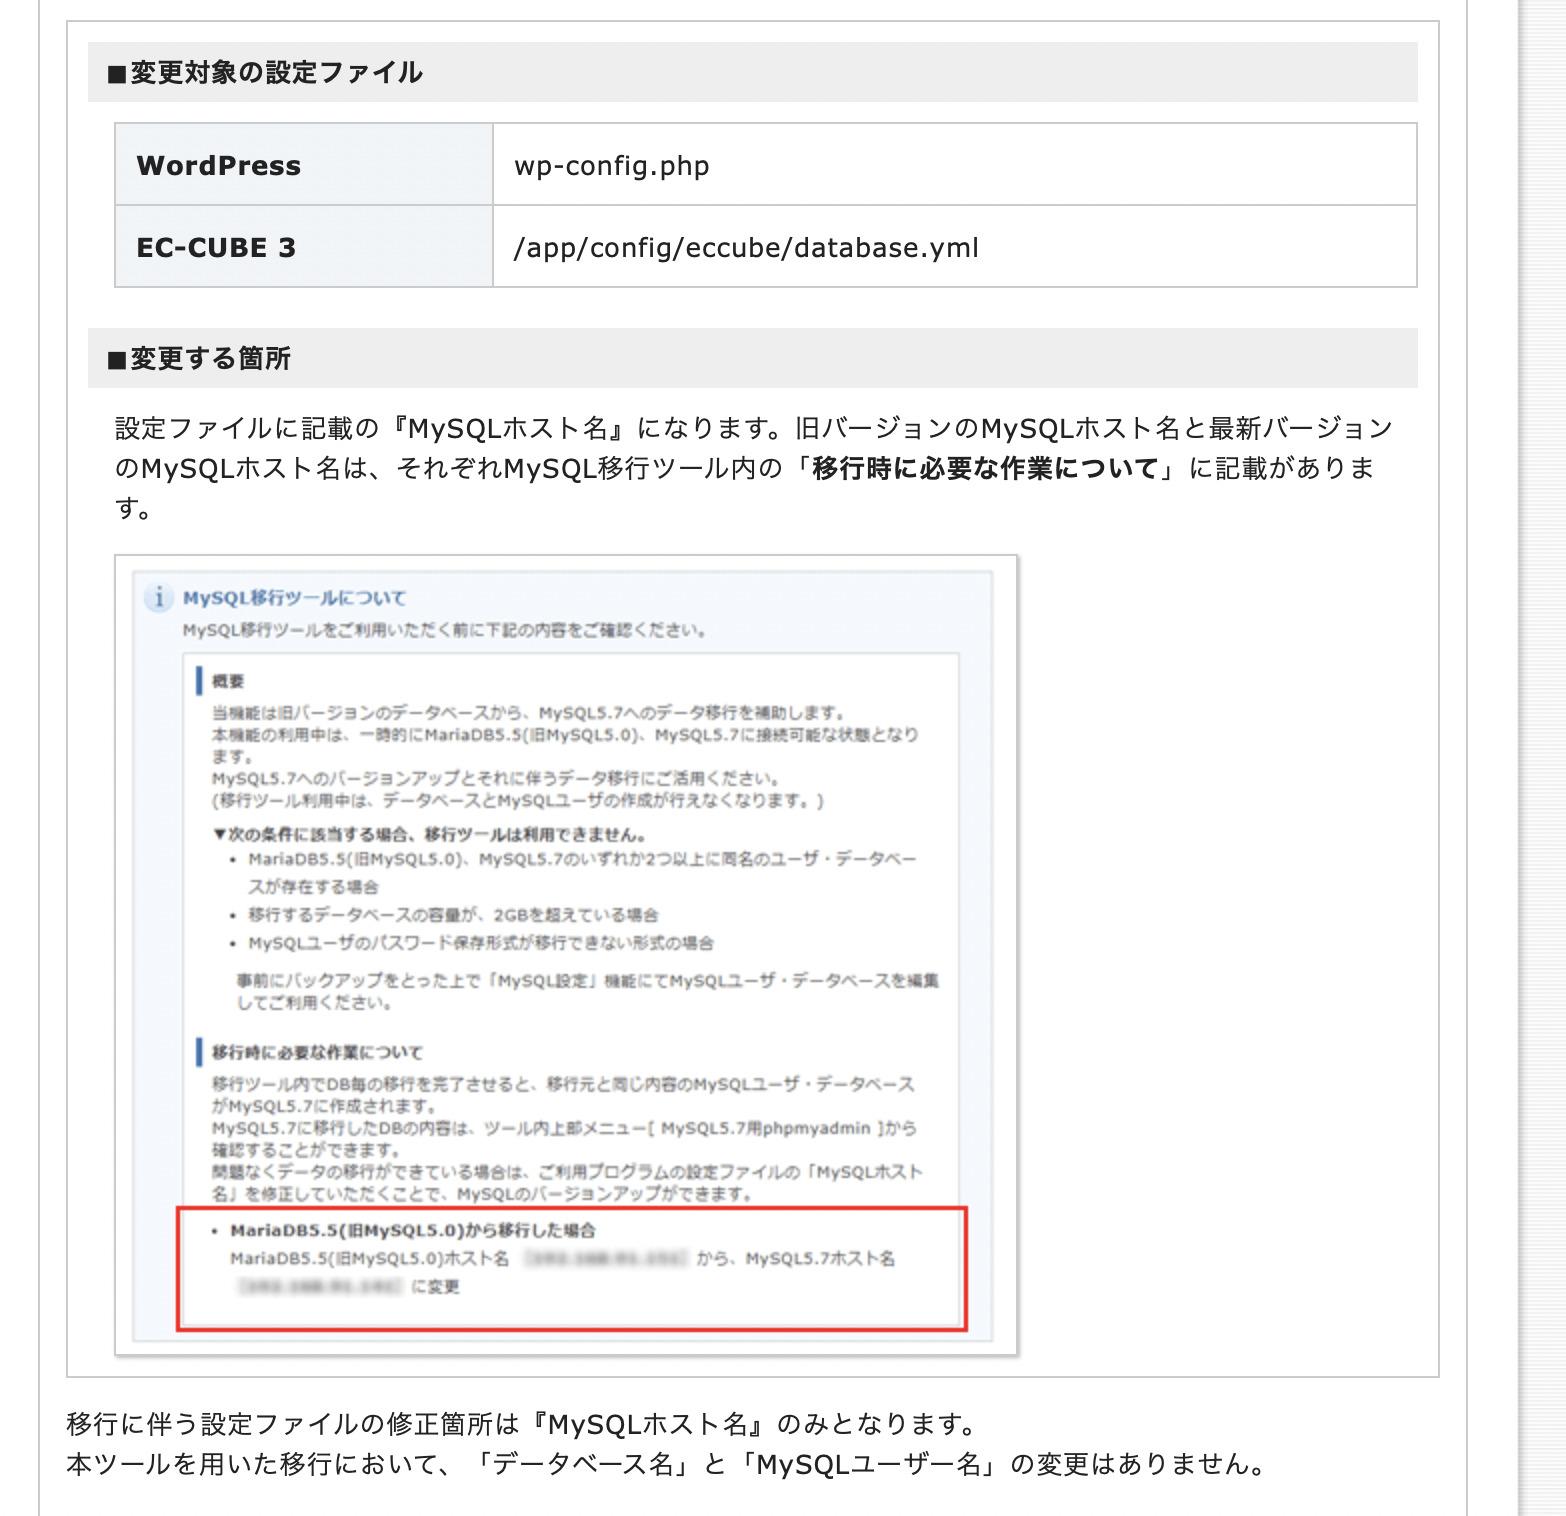 MySQL移行エックスサーバー